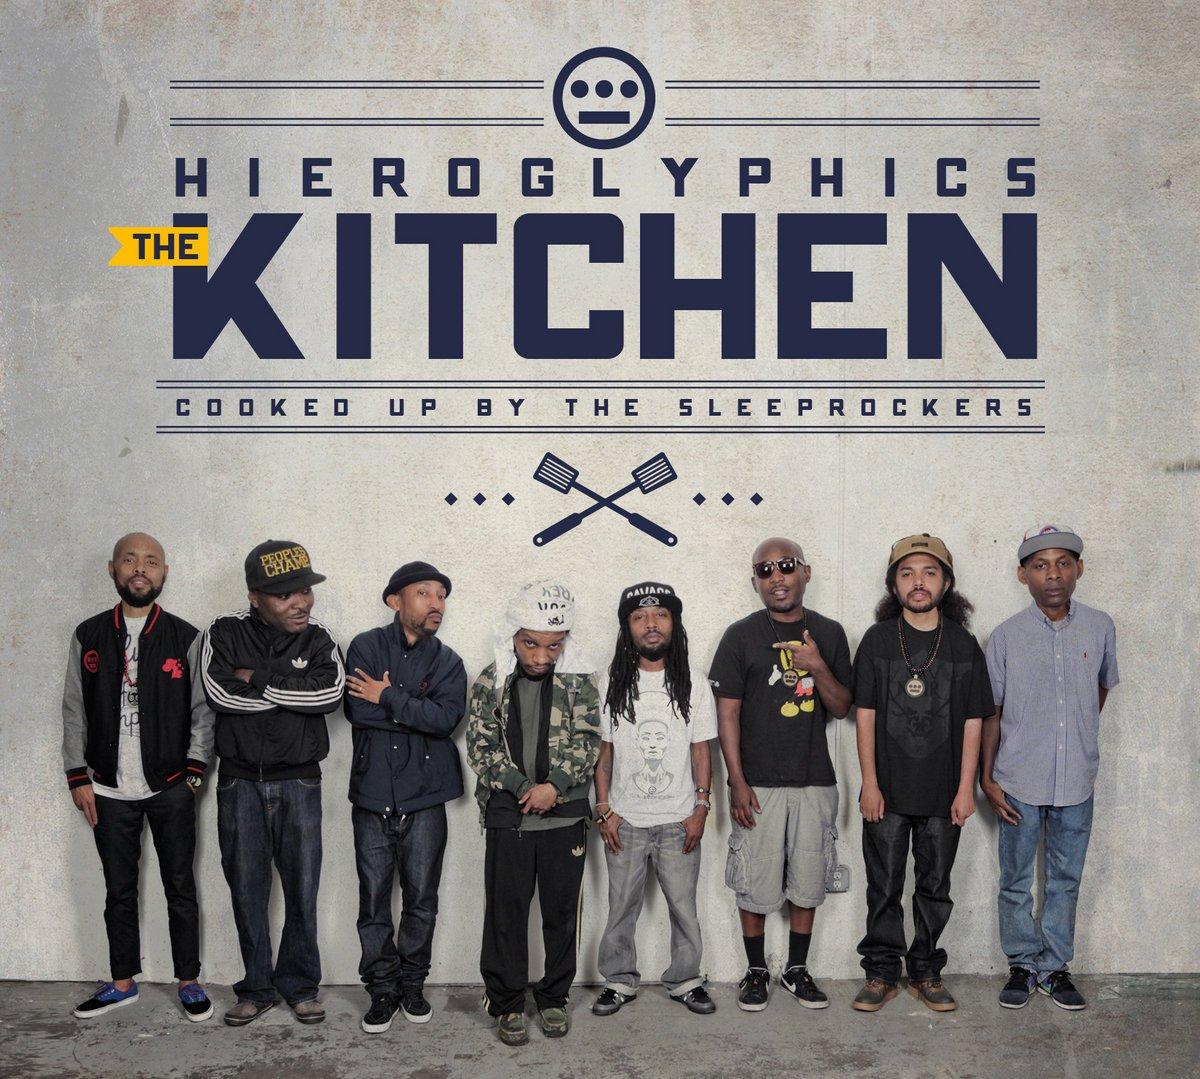 hieroglyphics-the-kitchen